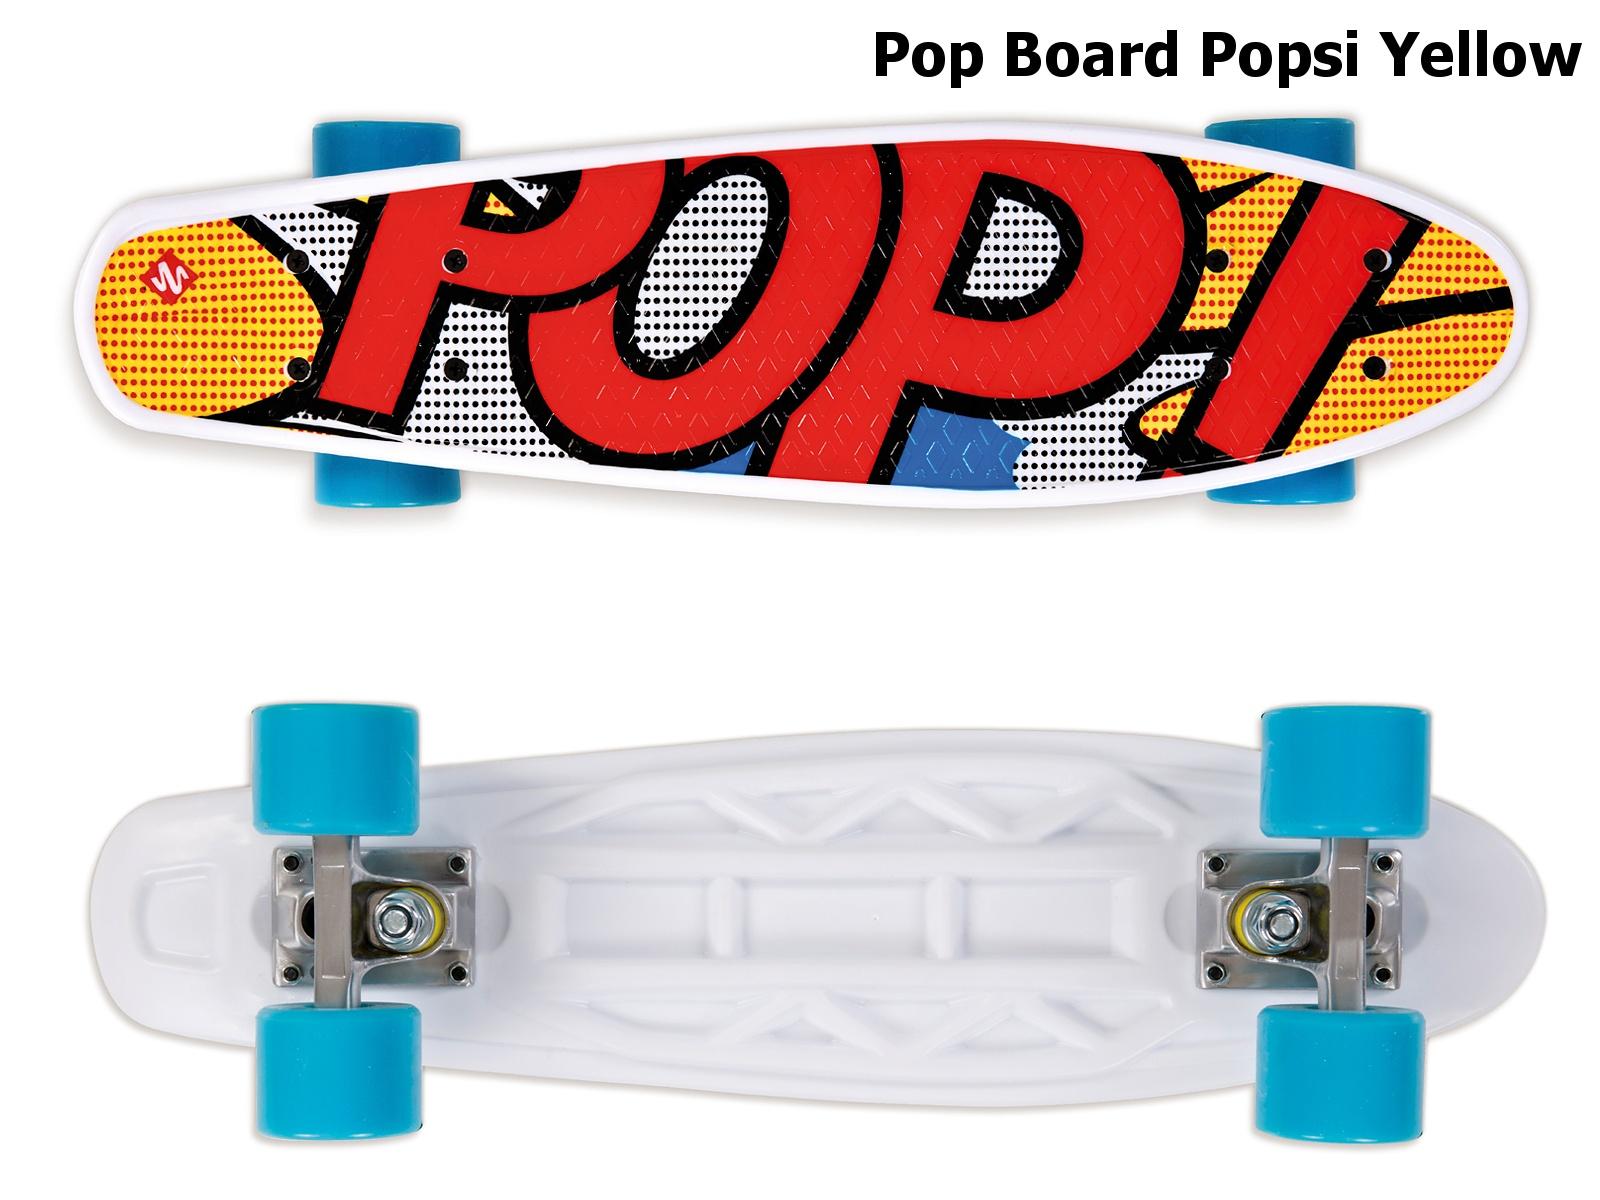 Street Surfing Pop Popsi